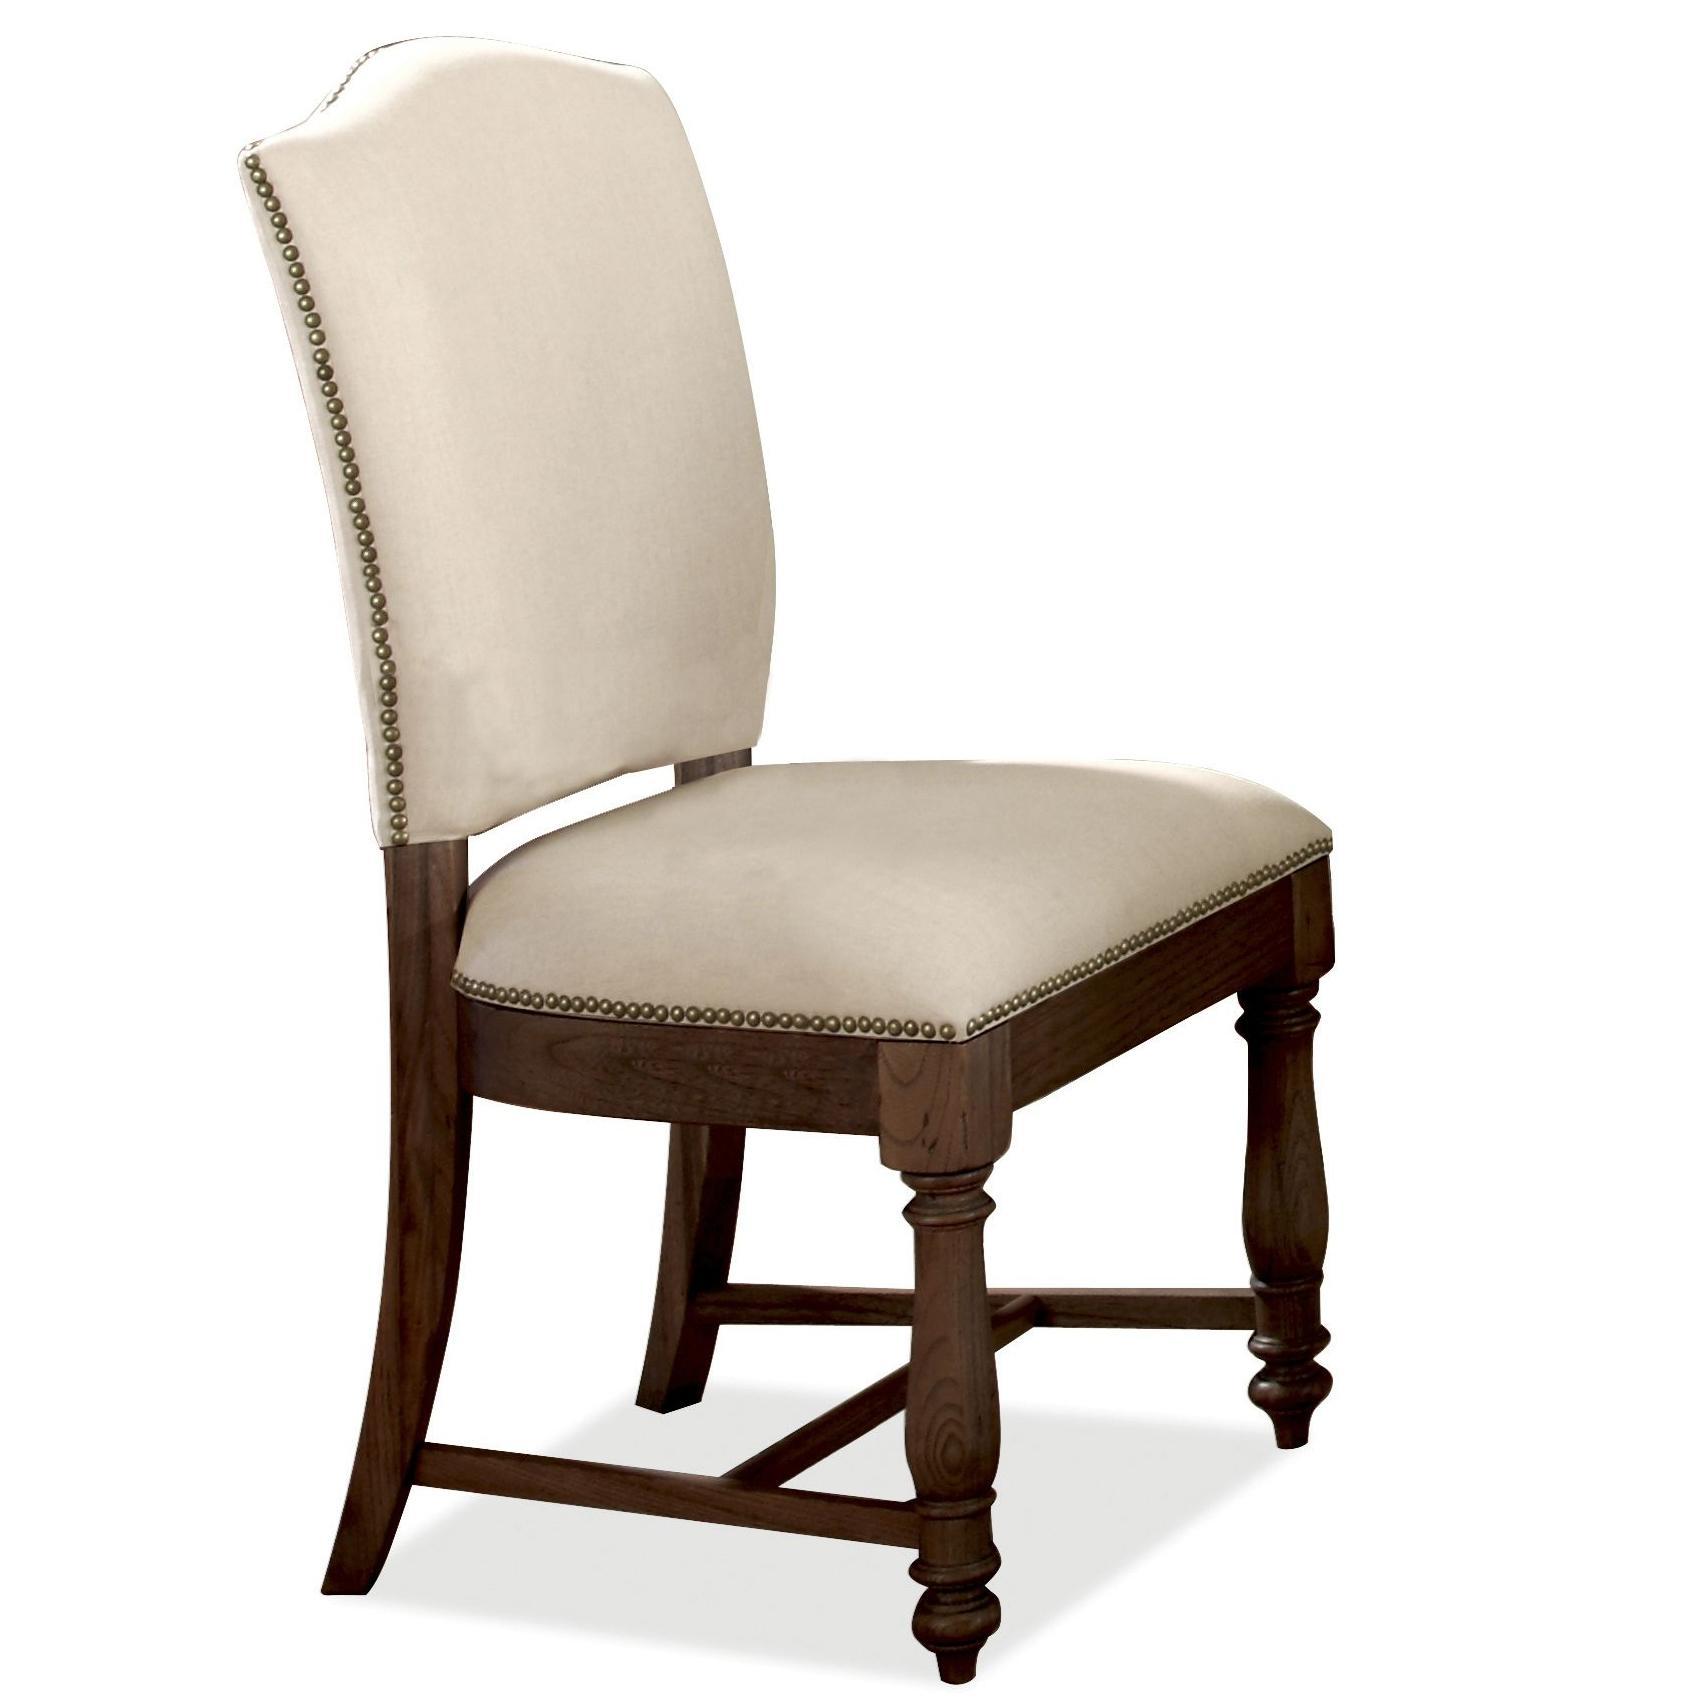 Riverside Furniture Castlewood Upholstered Dining Side Chair - Item Number: 33560